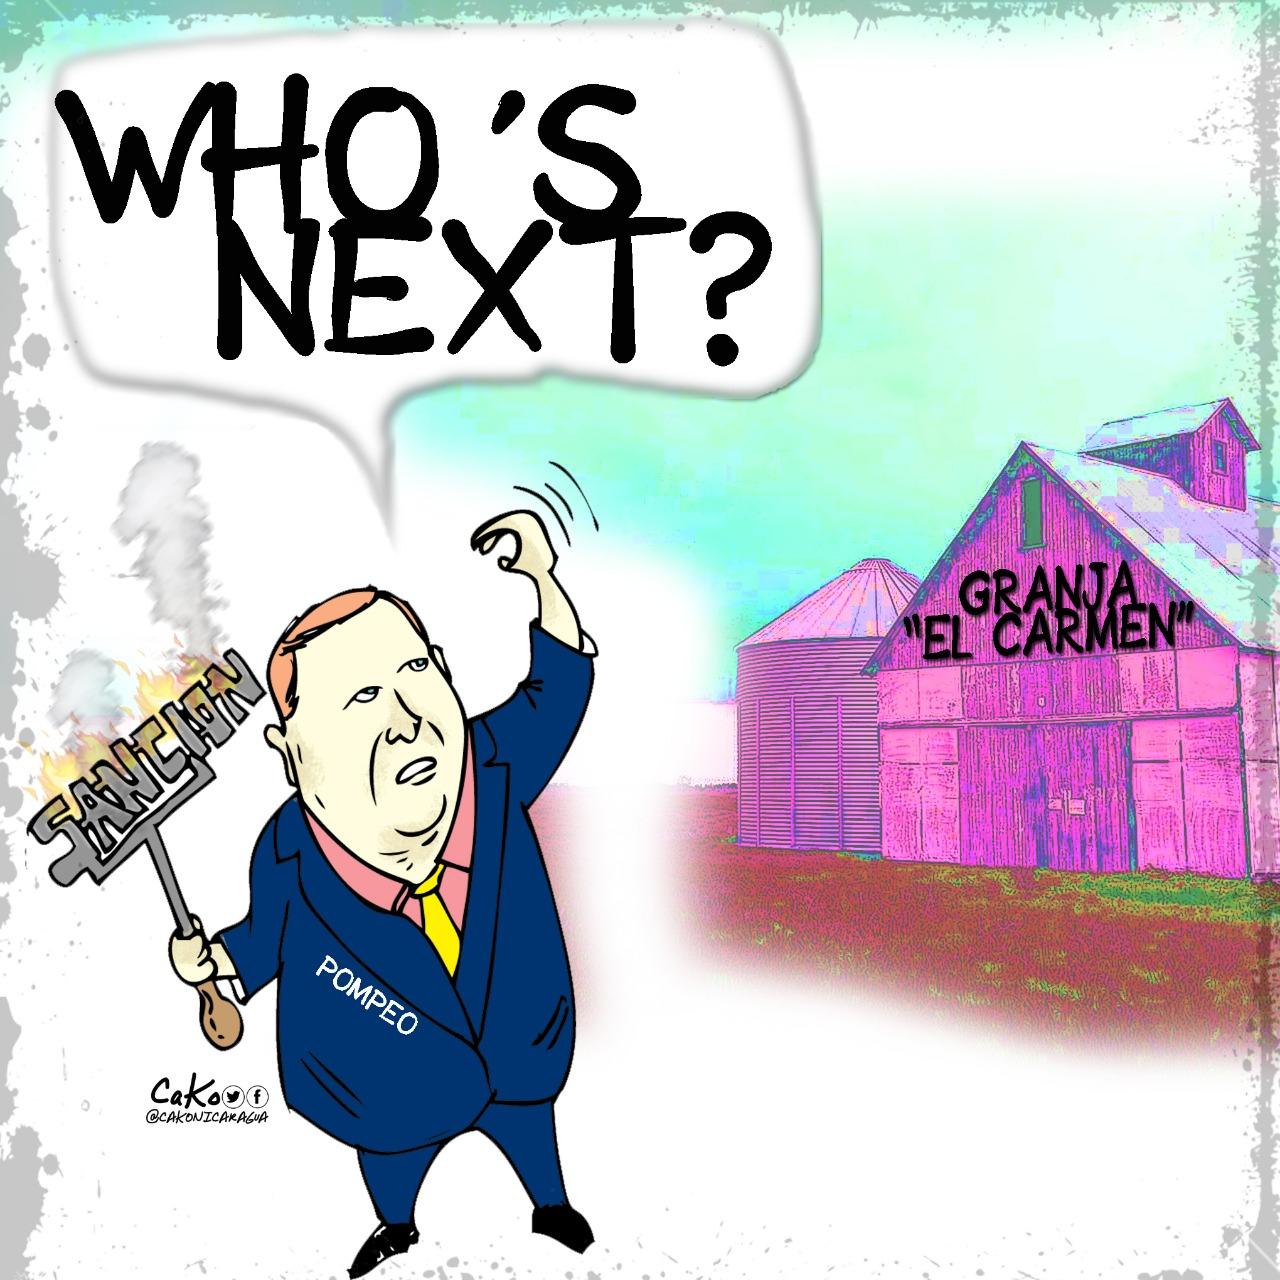 La Caricatura: ¡Que pase el próximo!